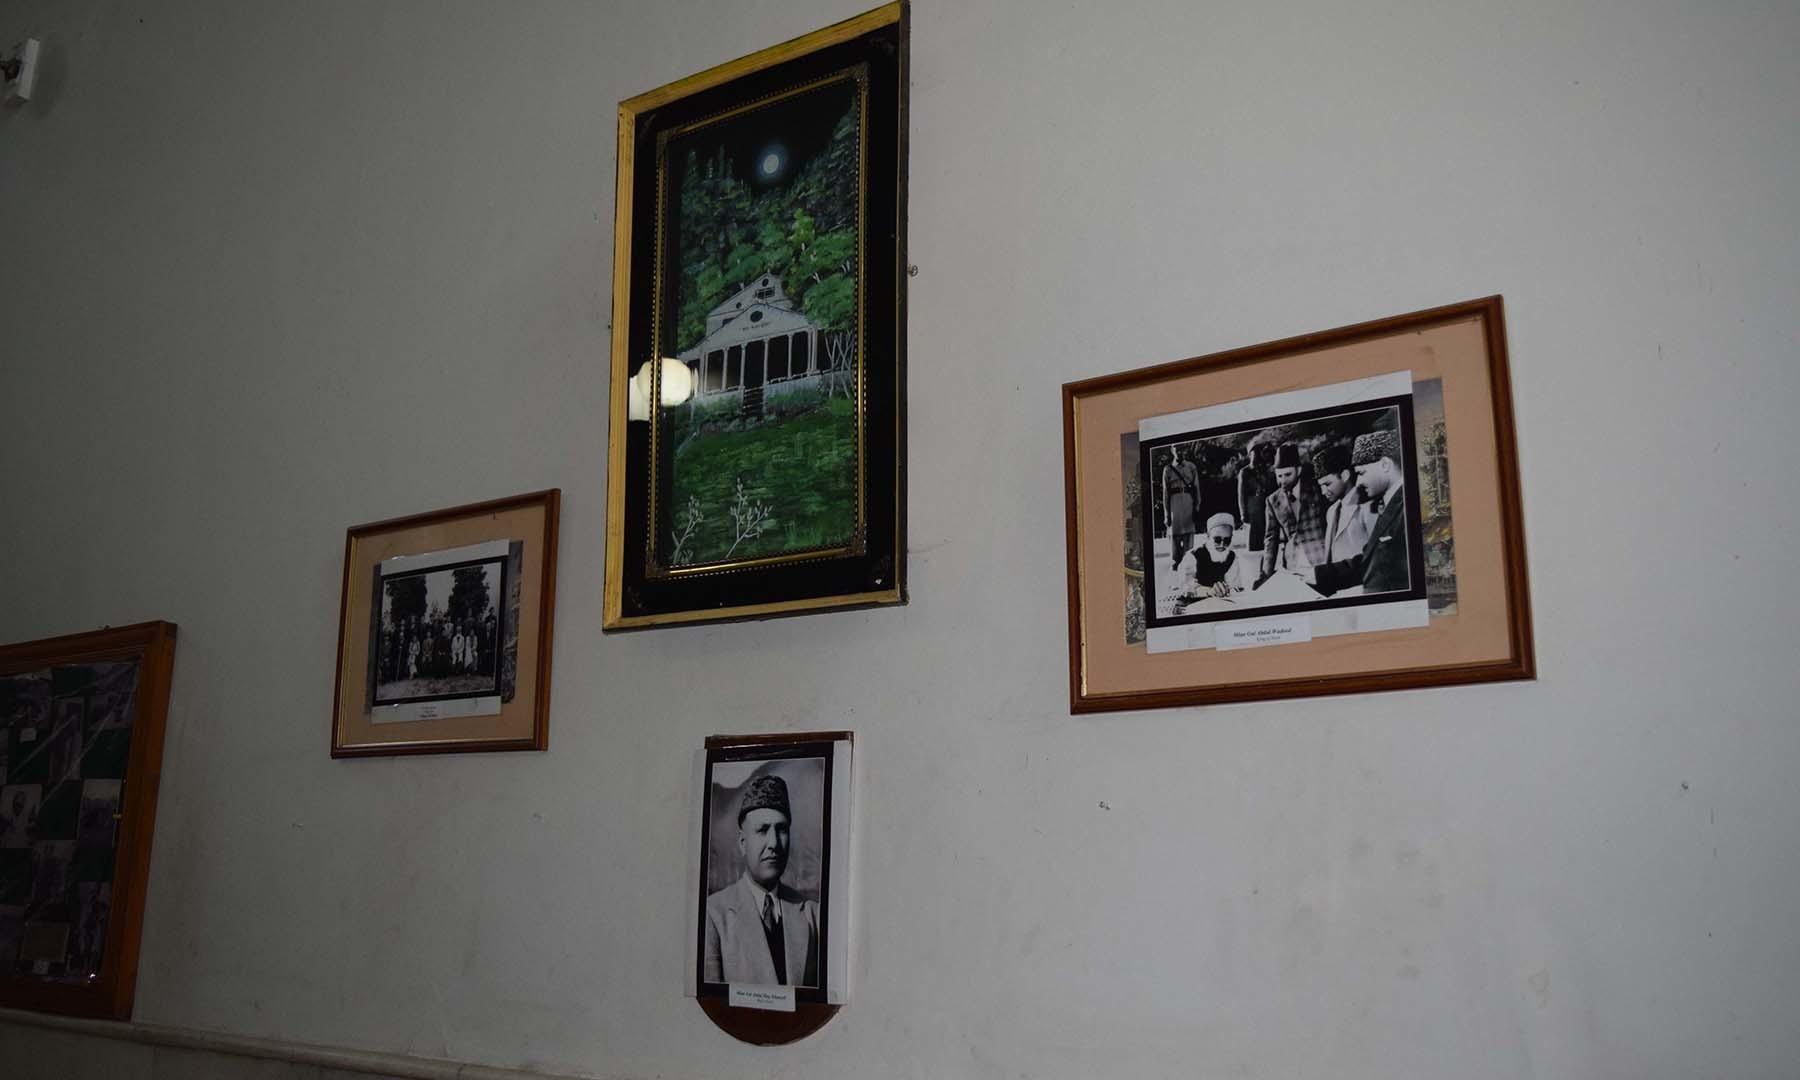 ریاستی دور کی تصاویر جن میں بادشاہ صاحب اور والئی سوات کی تصویر نمایاں ہیں۔